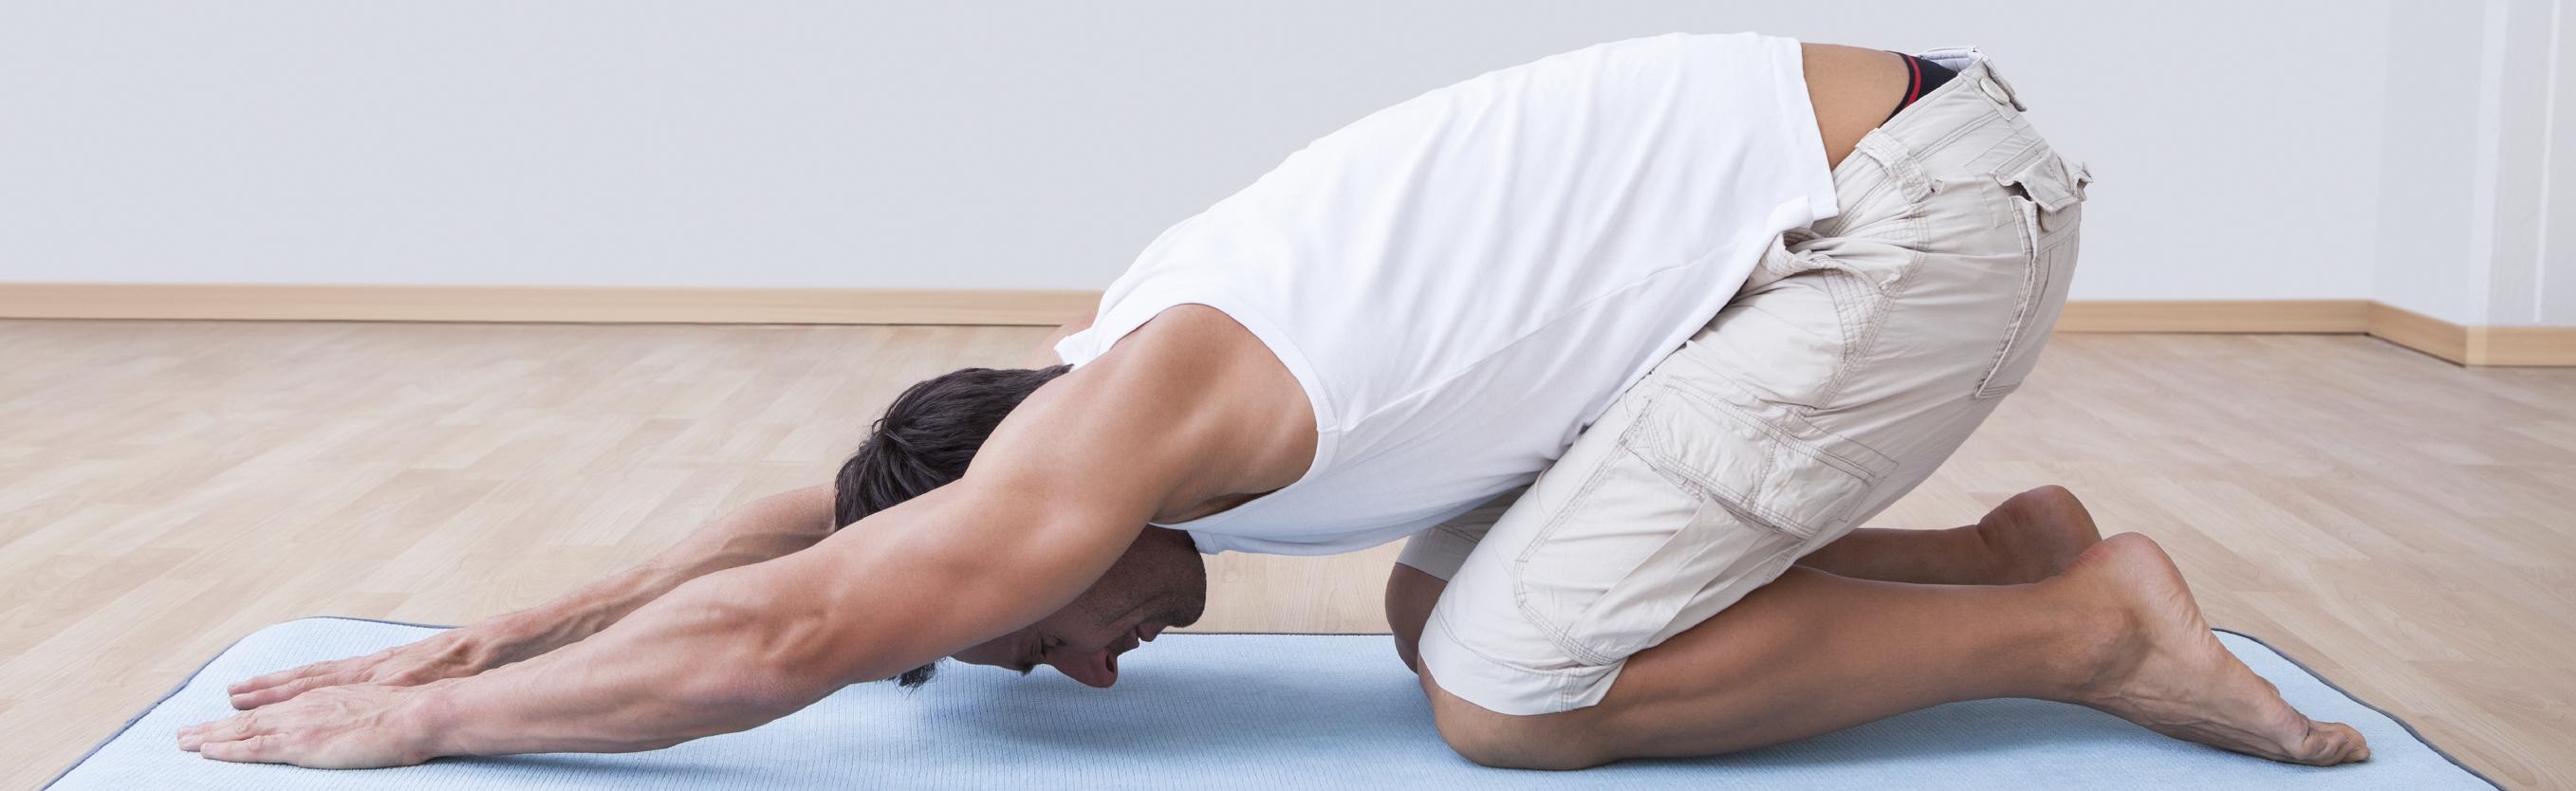 Les cours de gym dos, toniques et en musique, ont pour but de prévenir les récurrents problèmes de dos liés à la posture.  Ils sont axés sur un renforcement de la ceinture abdominale et du dos améliorant l'équilibre et la posture durant l'exercice physique et le repos.